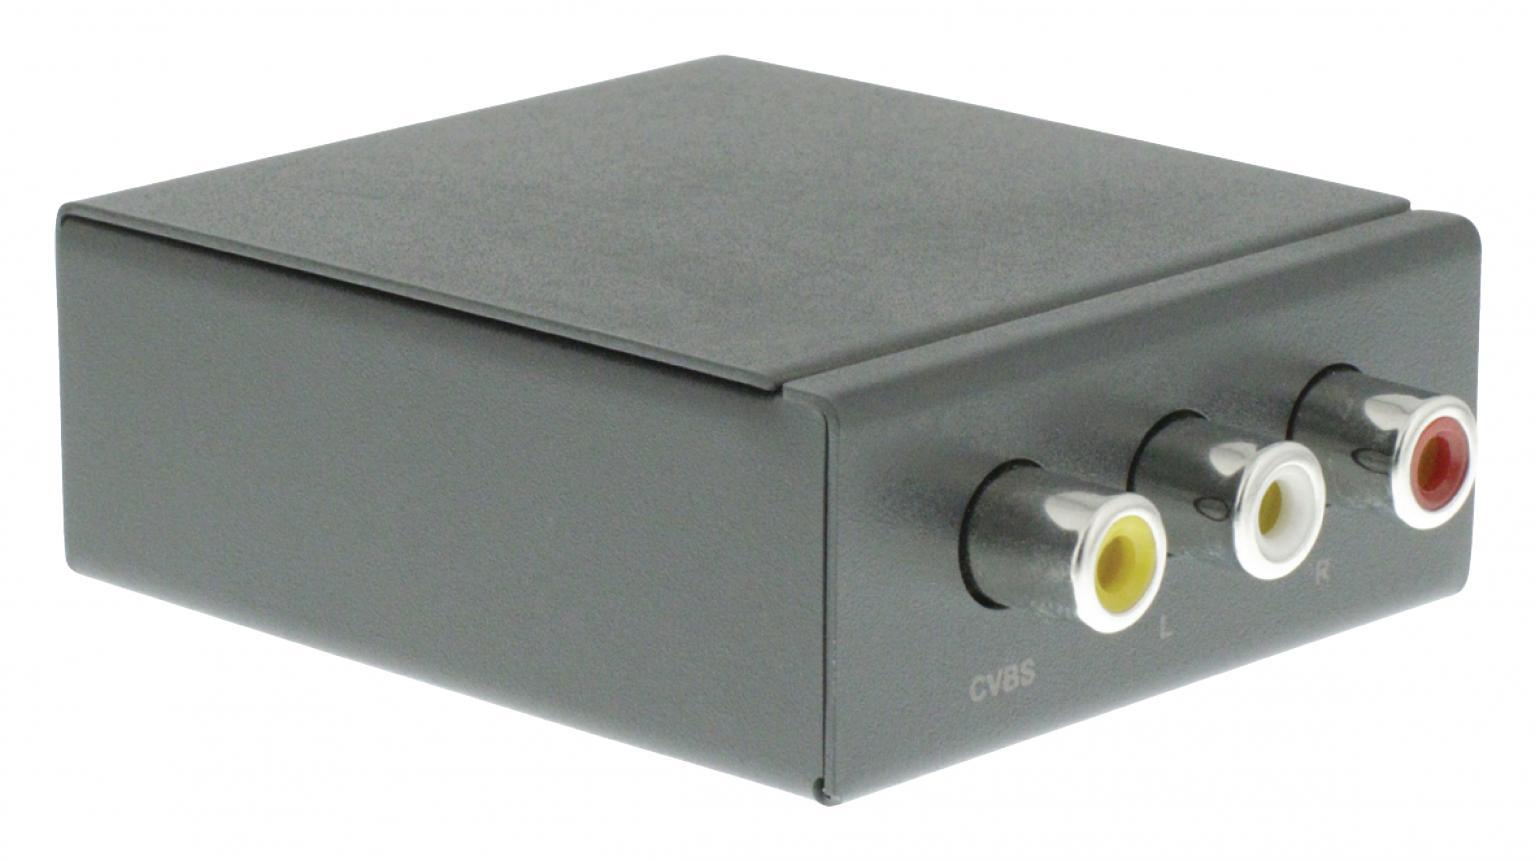 Component naar HDMI Omvormer Maximale Video Resolutie: 1080p